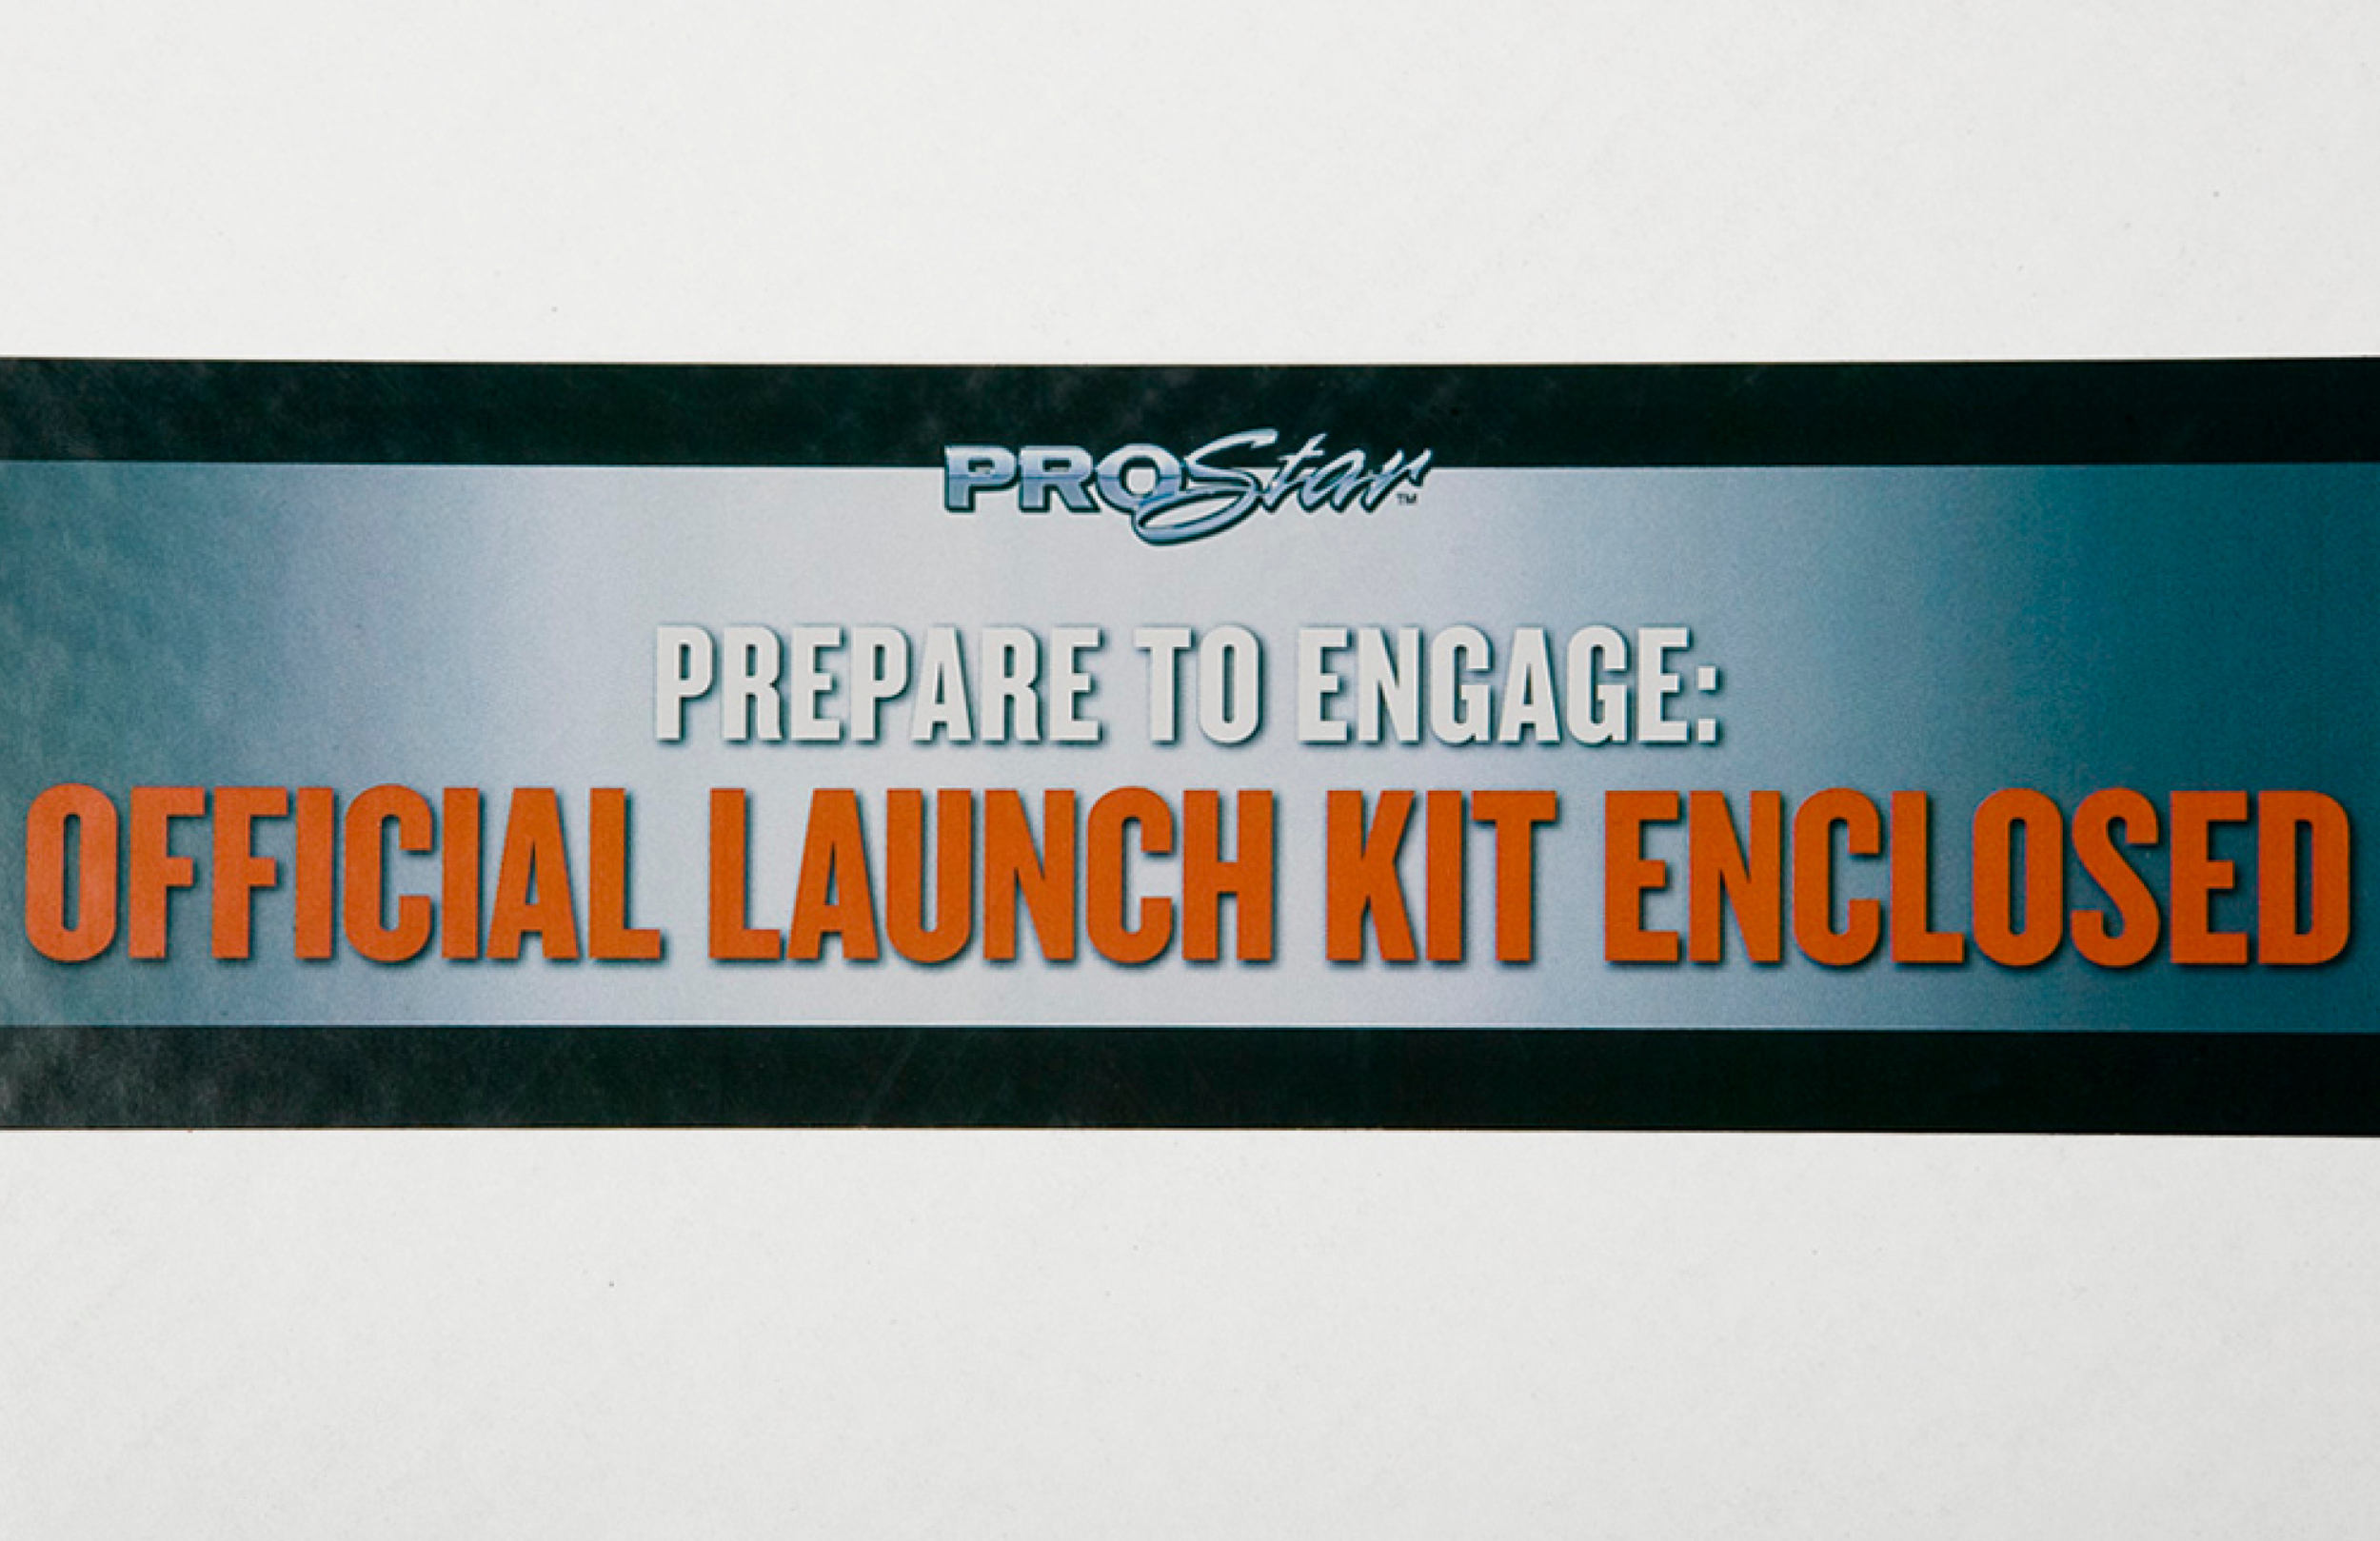 ProStarLaunch_Kit22.jpg